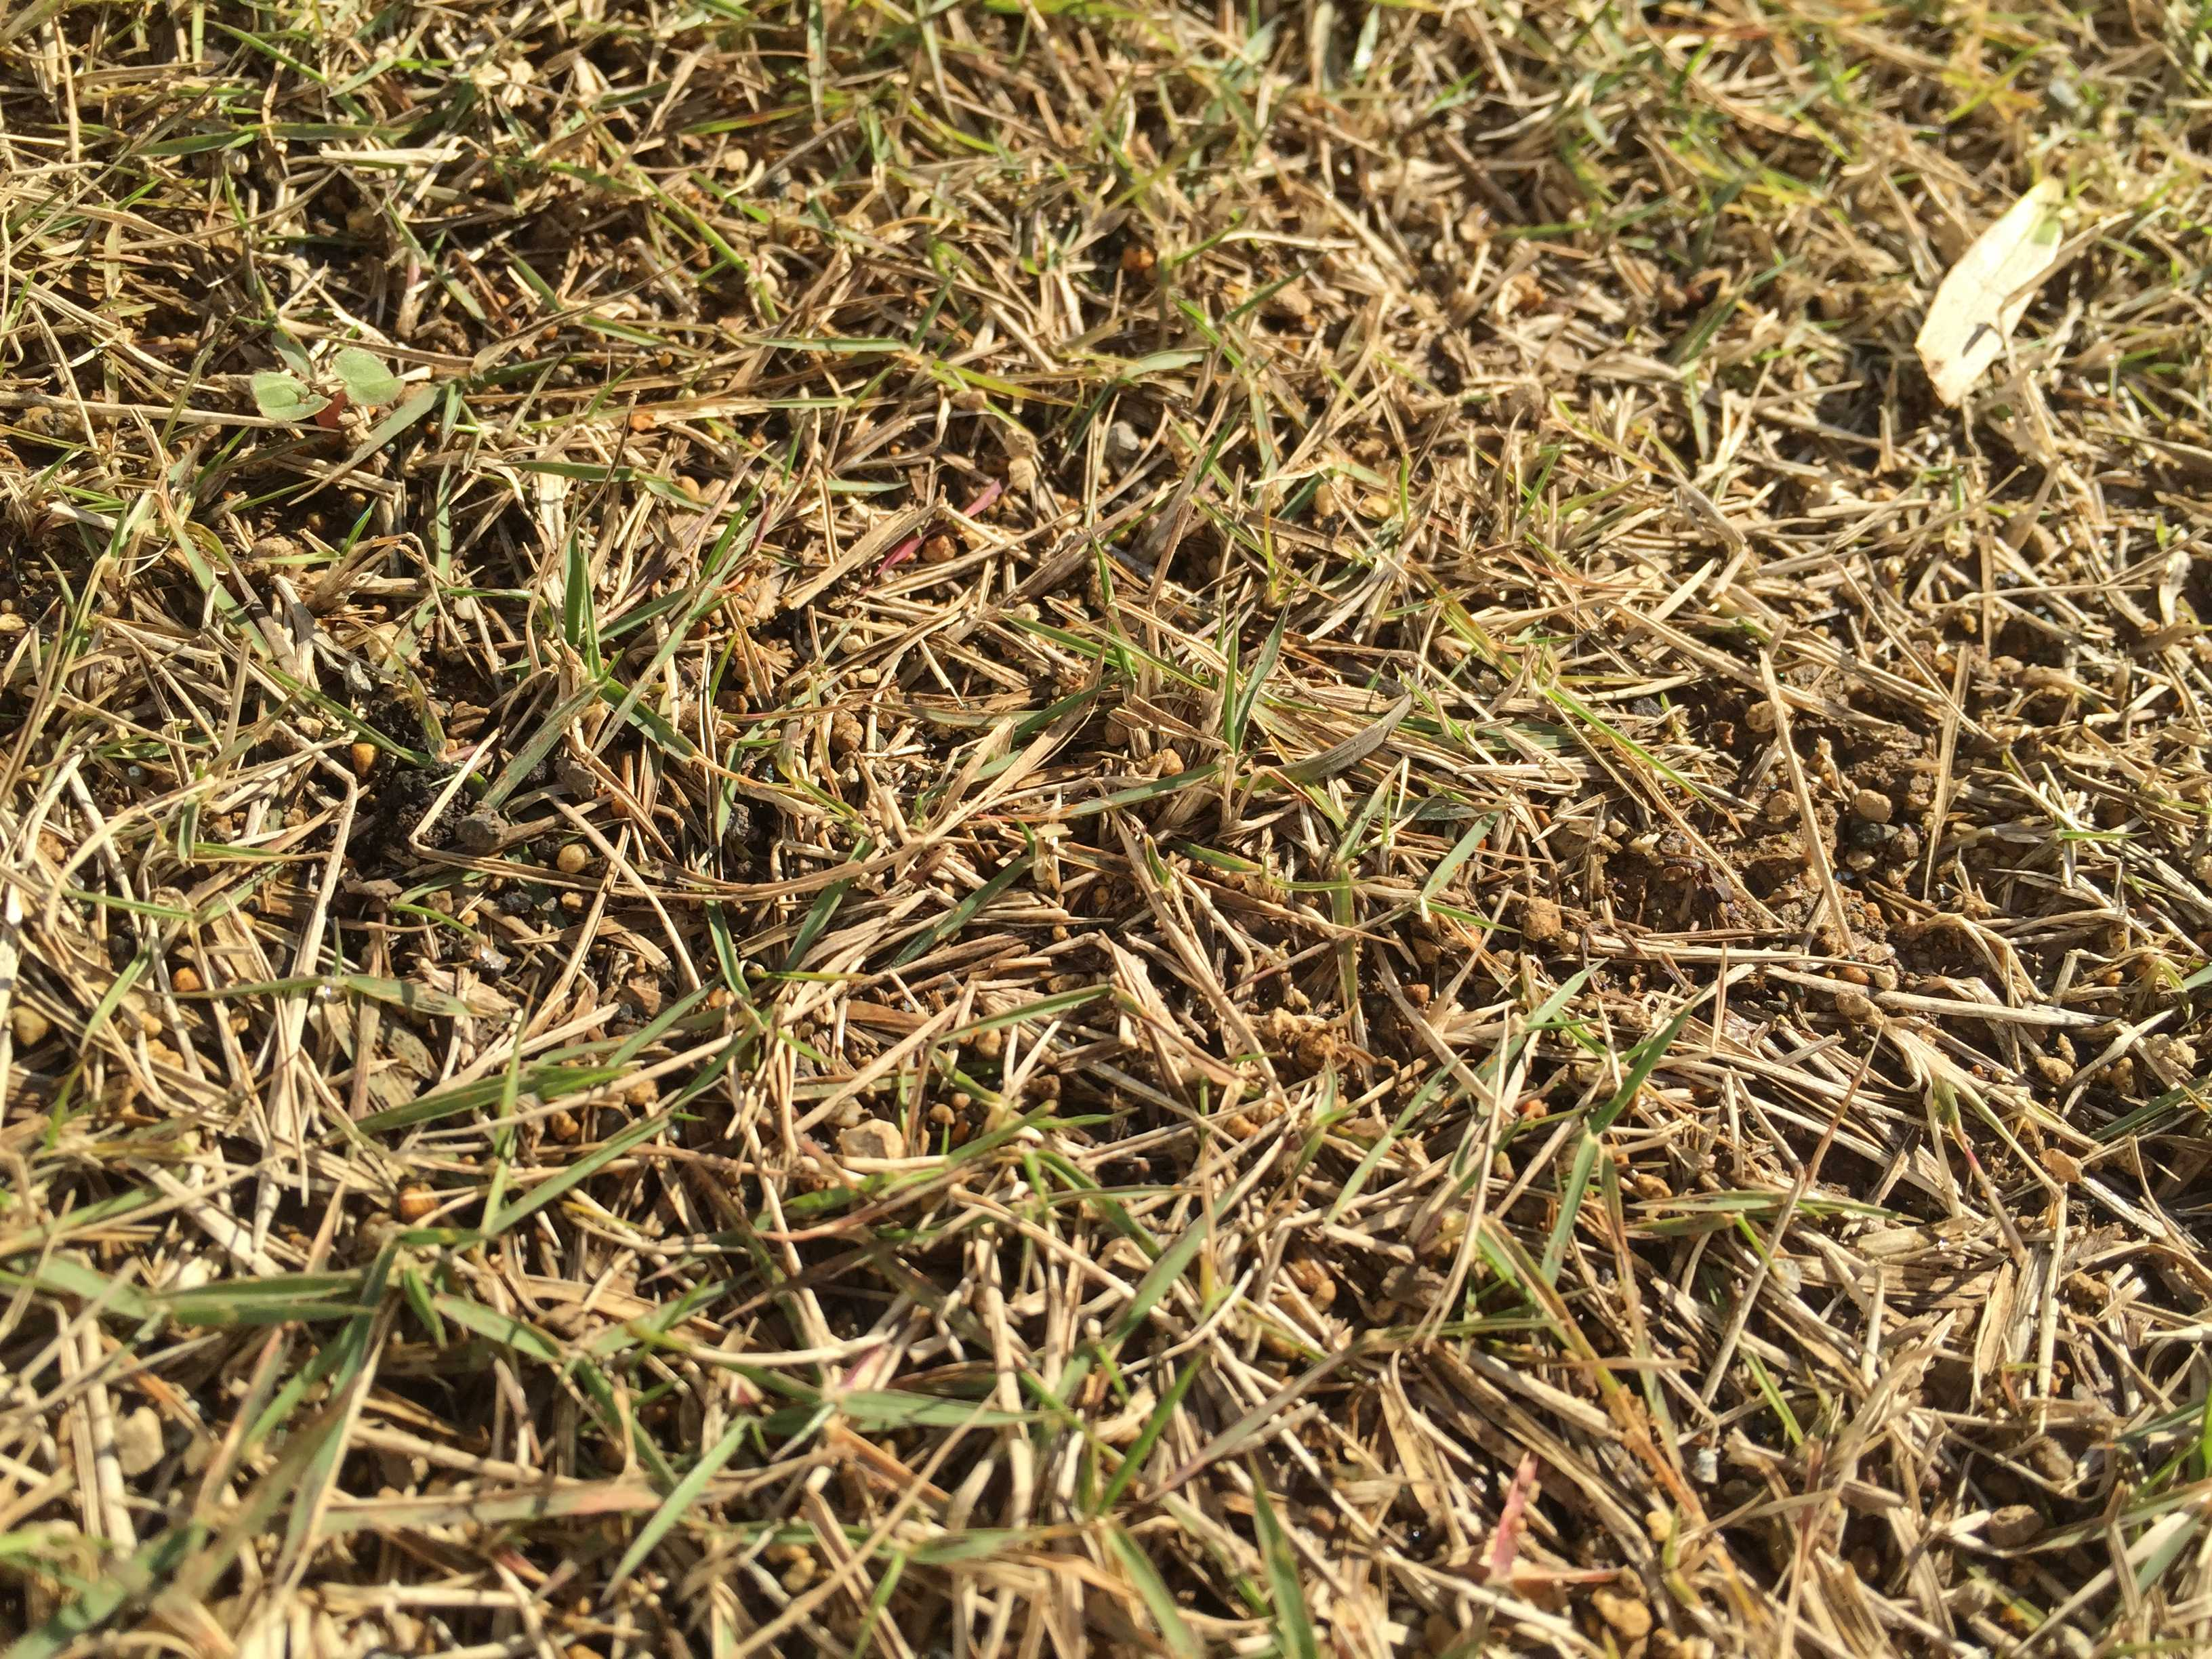 冬眠中(休眠中)の芝生TM9